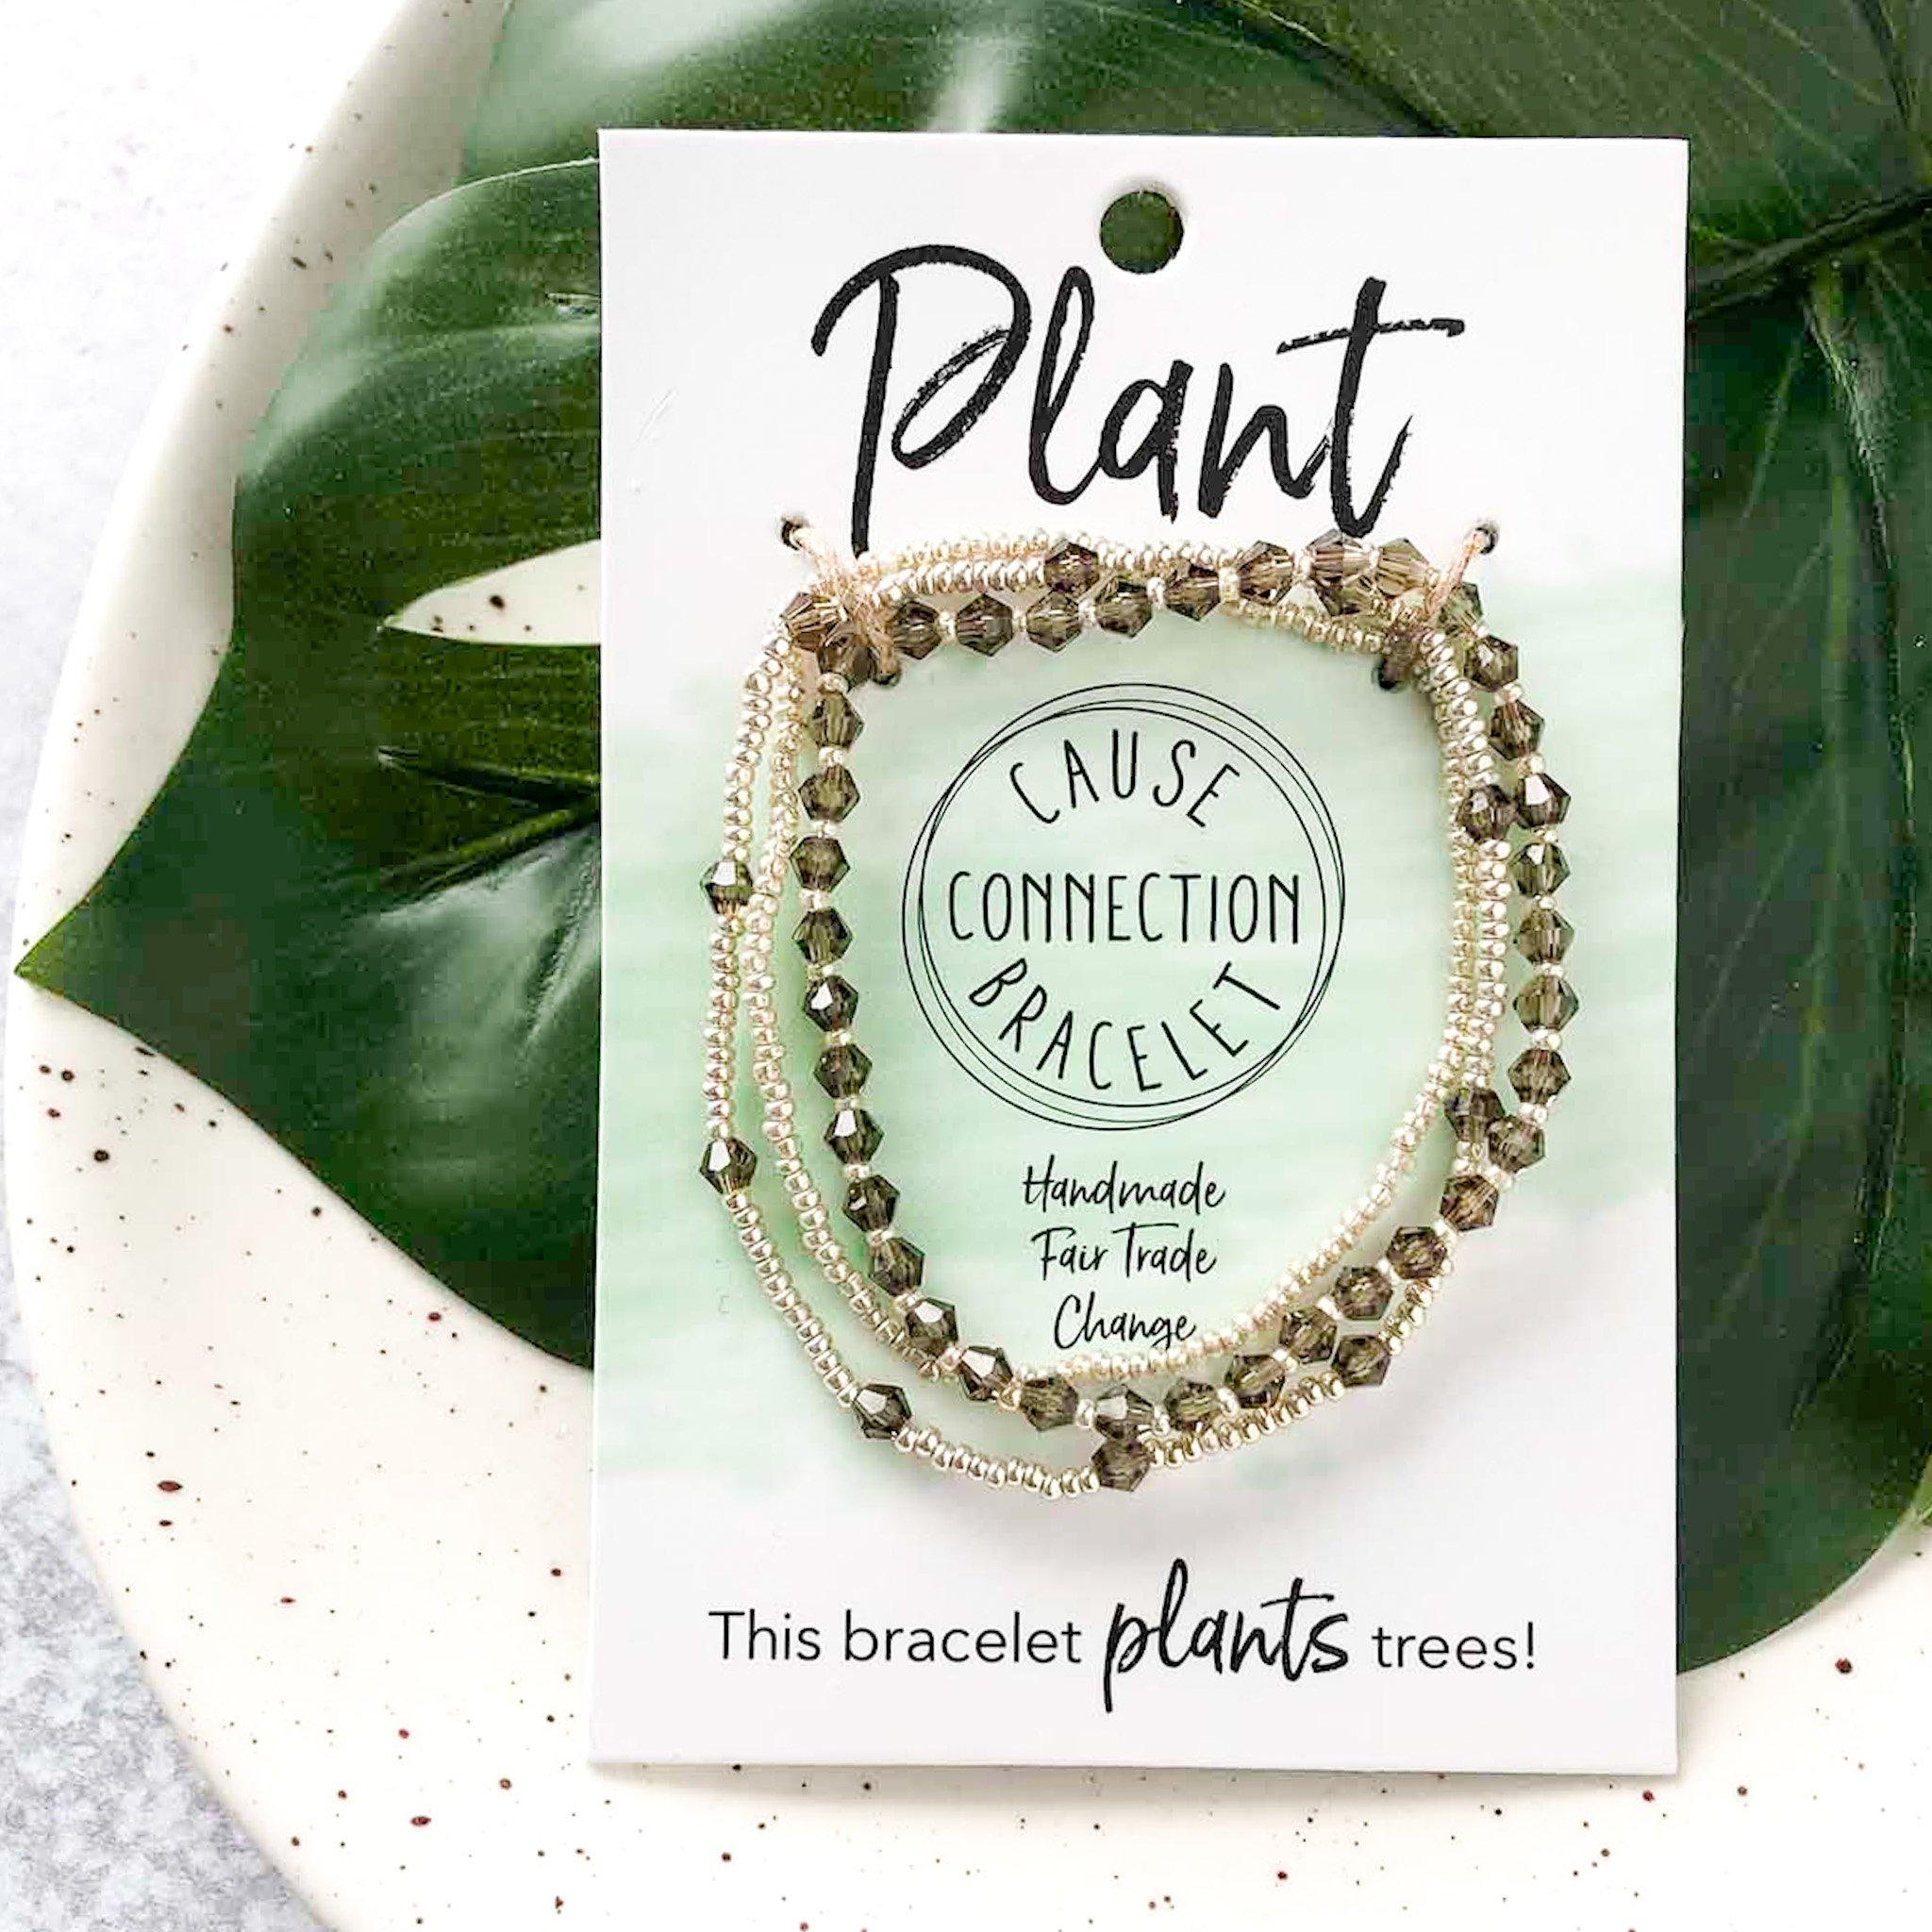 Cause Connection Bracelet – Plant